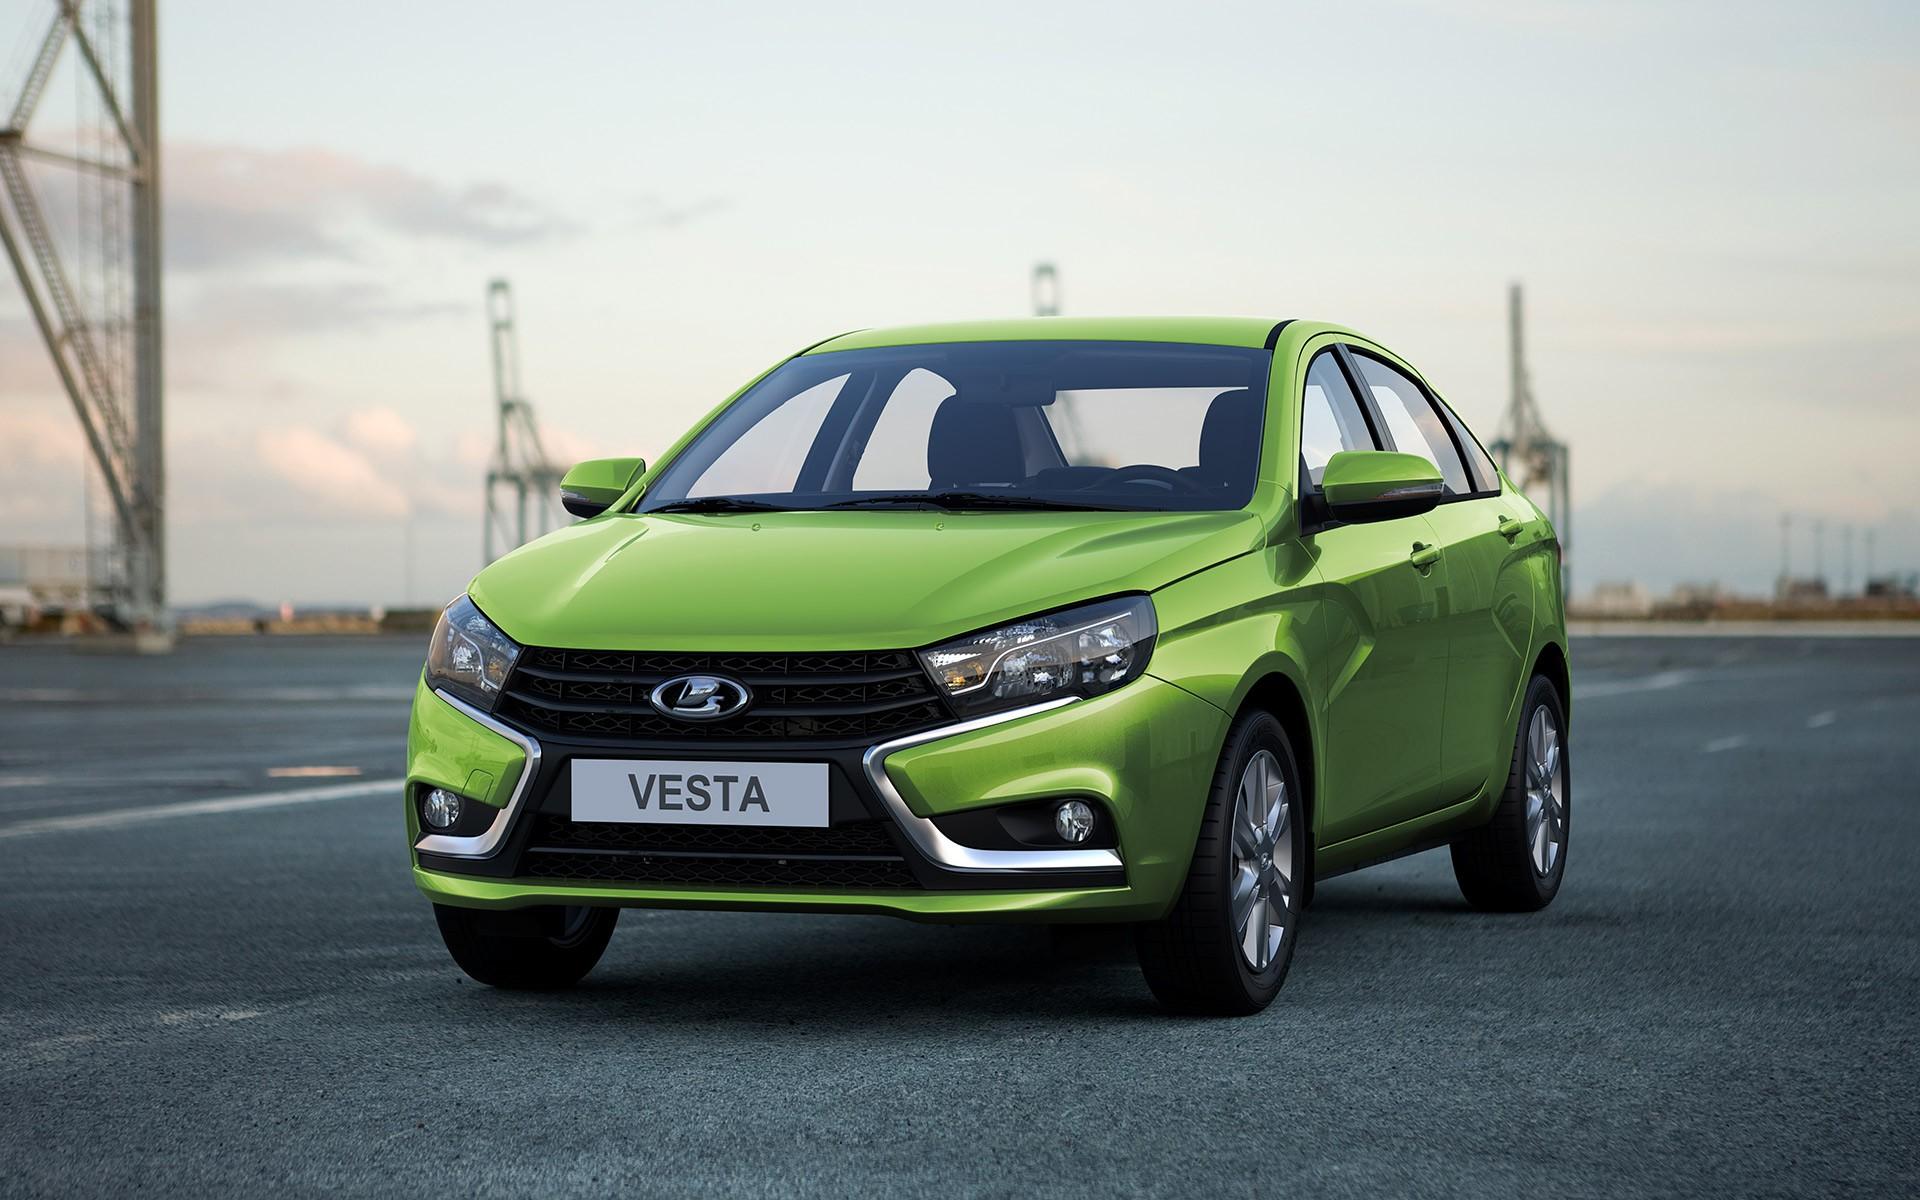 LADA стал лидером продаж на российских рынках подержанных авто